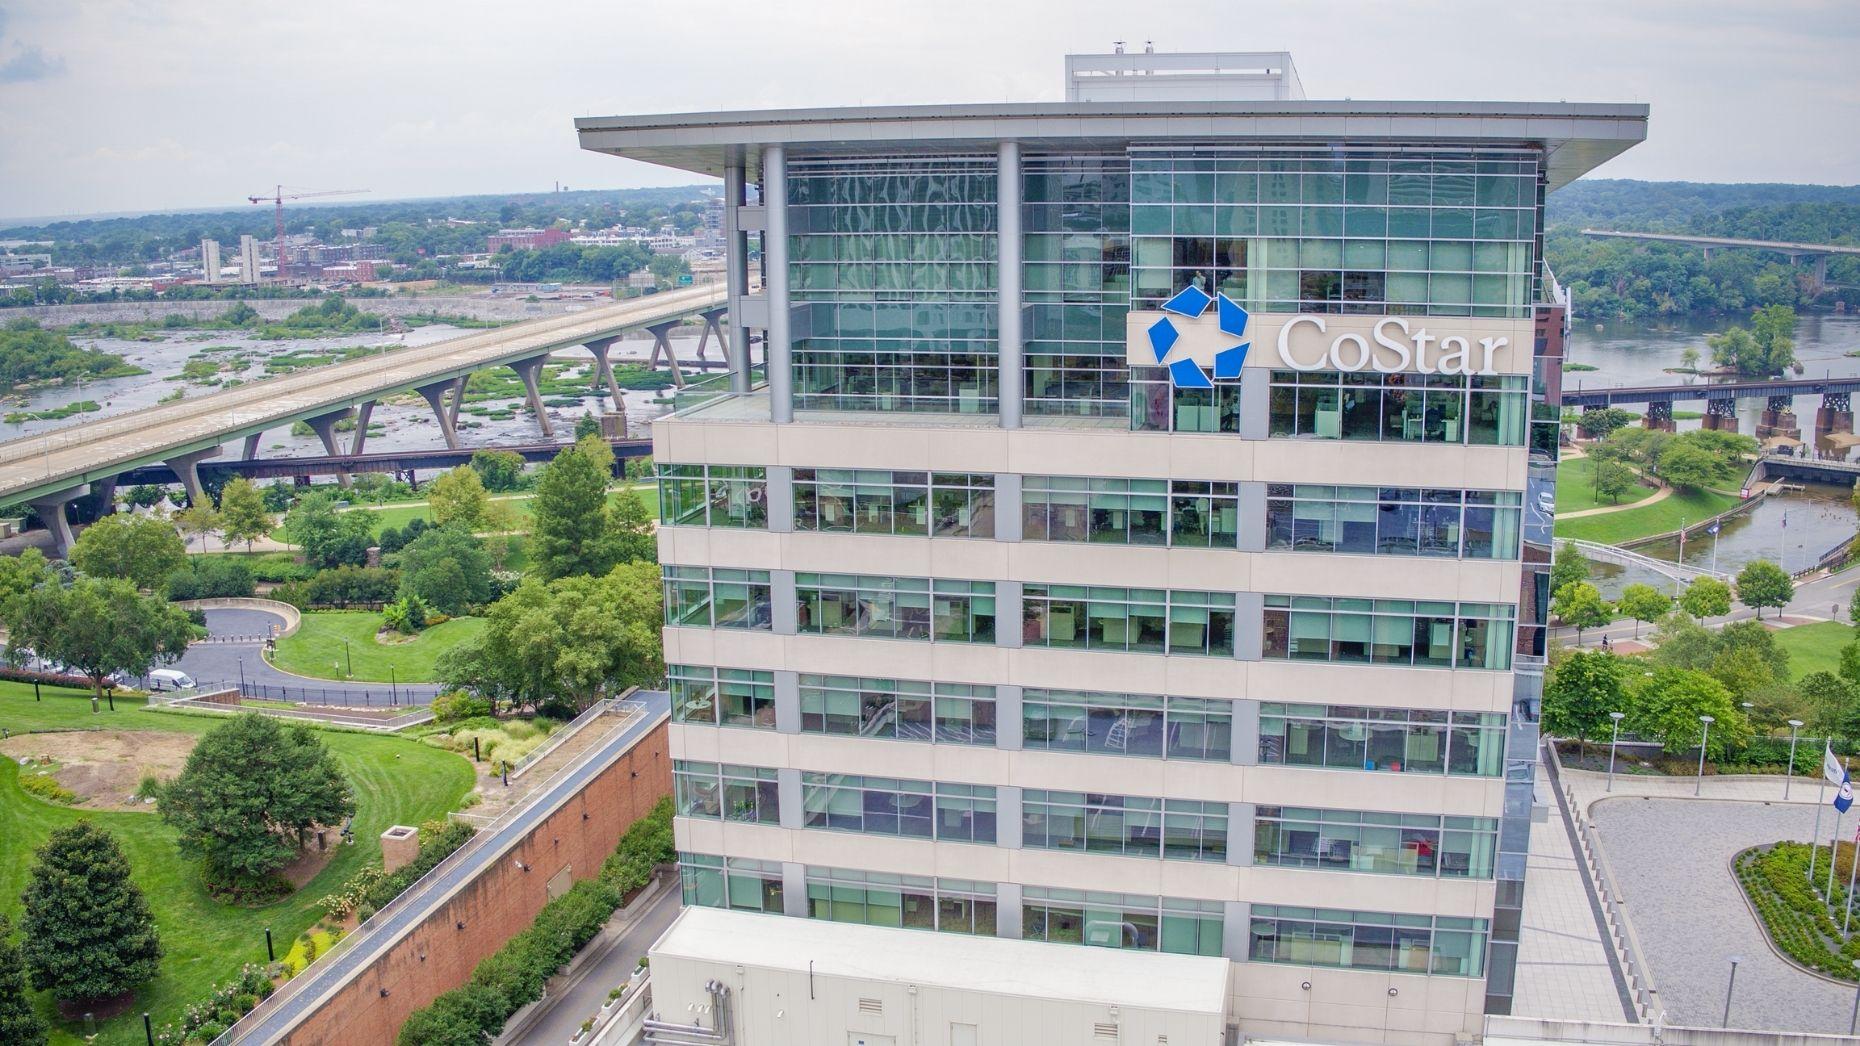 CoStar Group rallies in Q2 as Apartments.com tallies traffic high